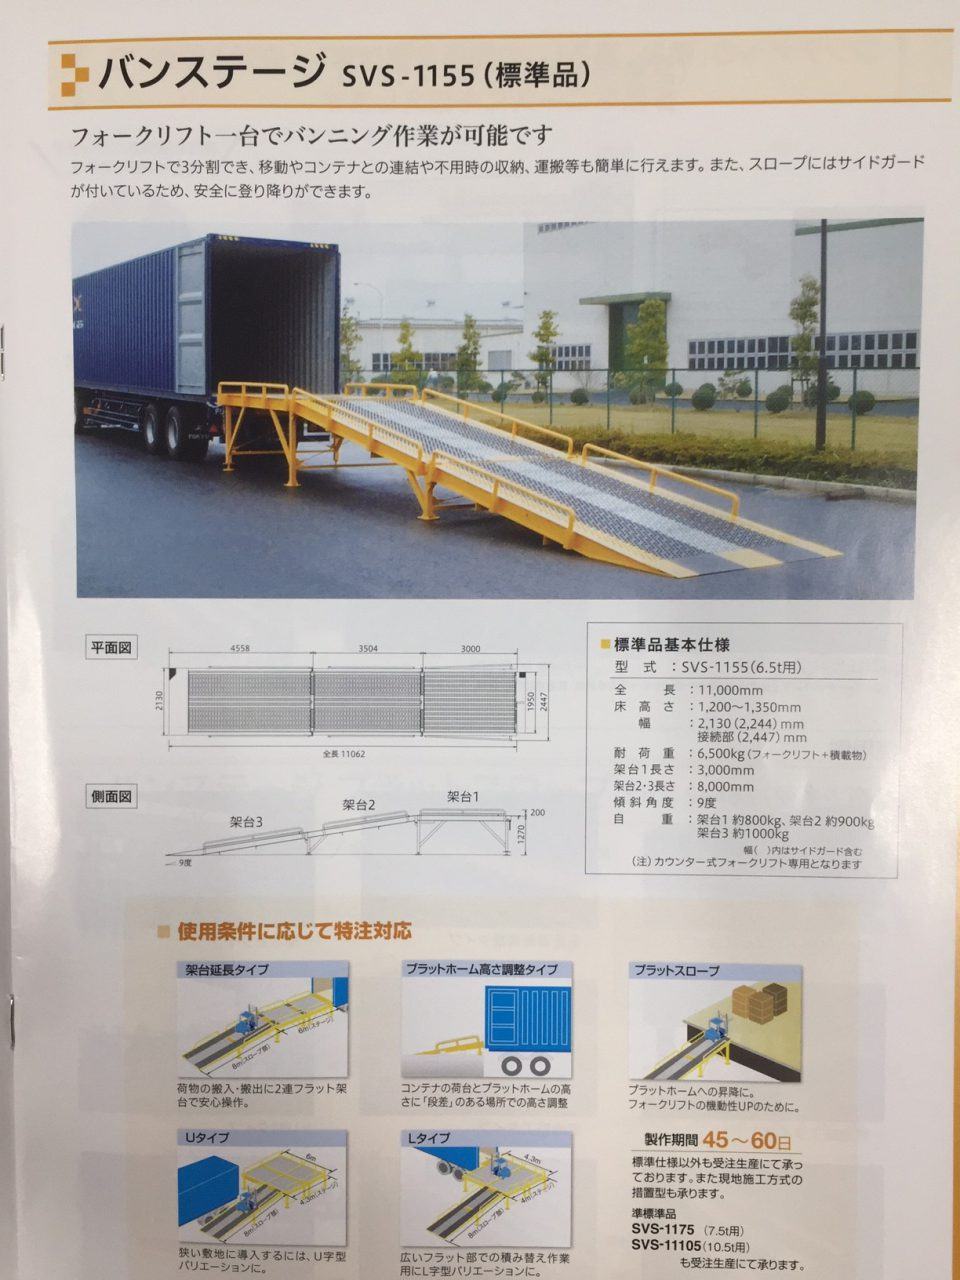 サンキン バンステージ SVS-1155中古品  (完売)